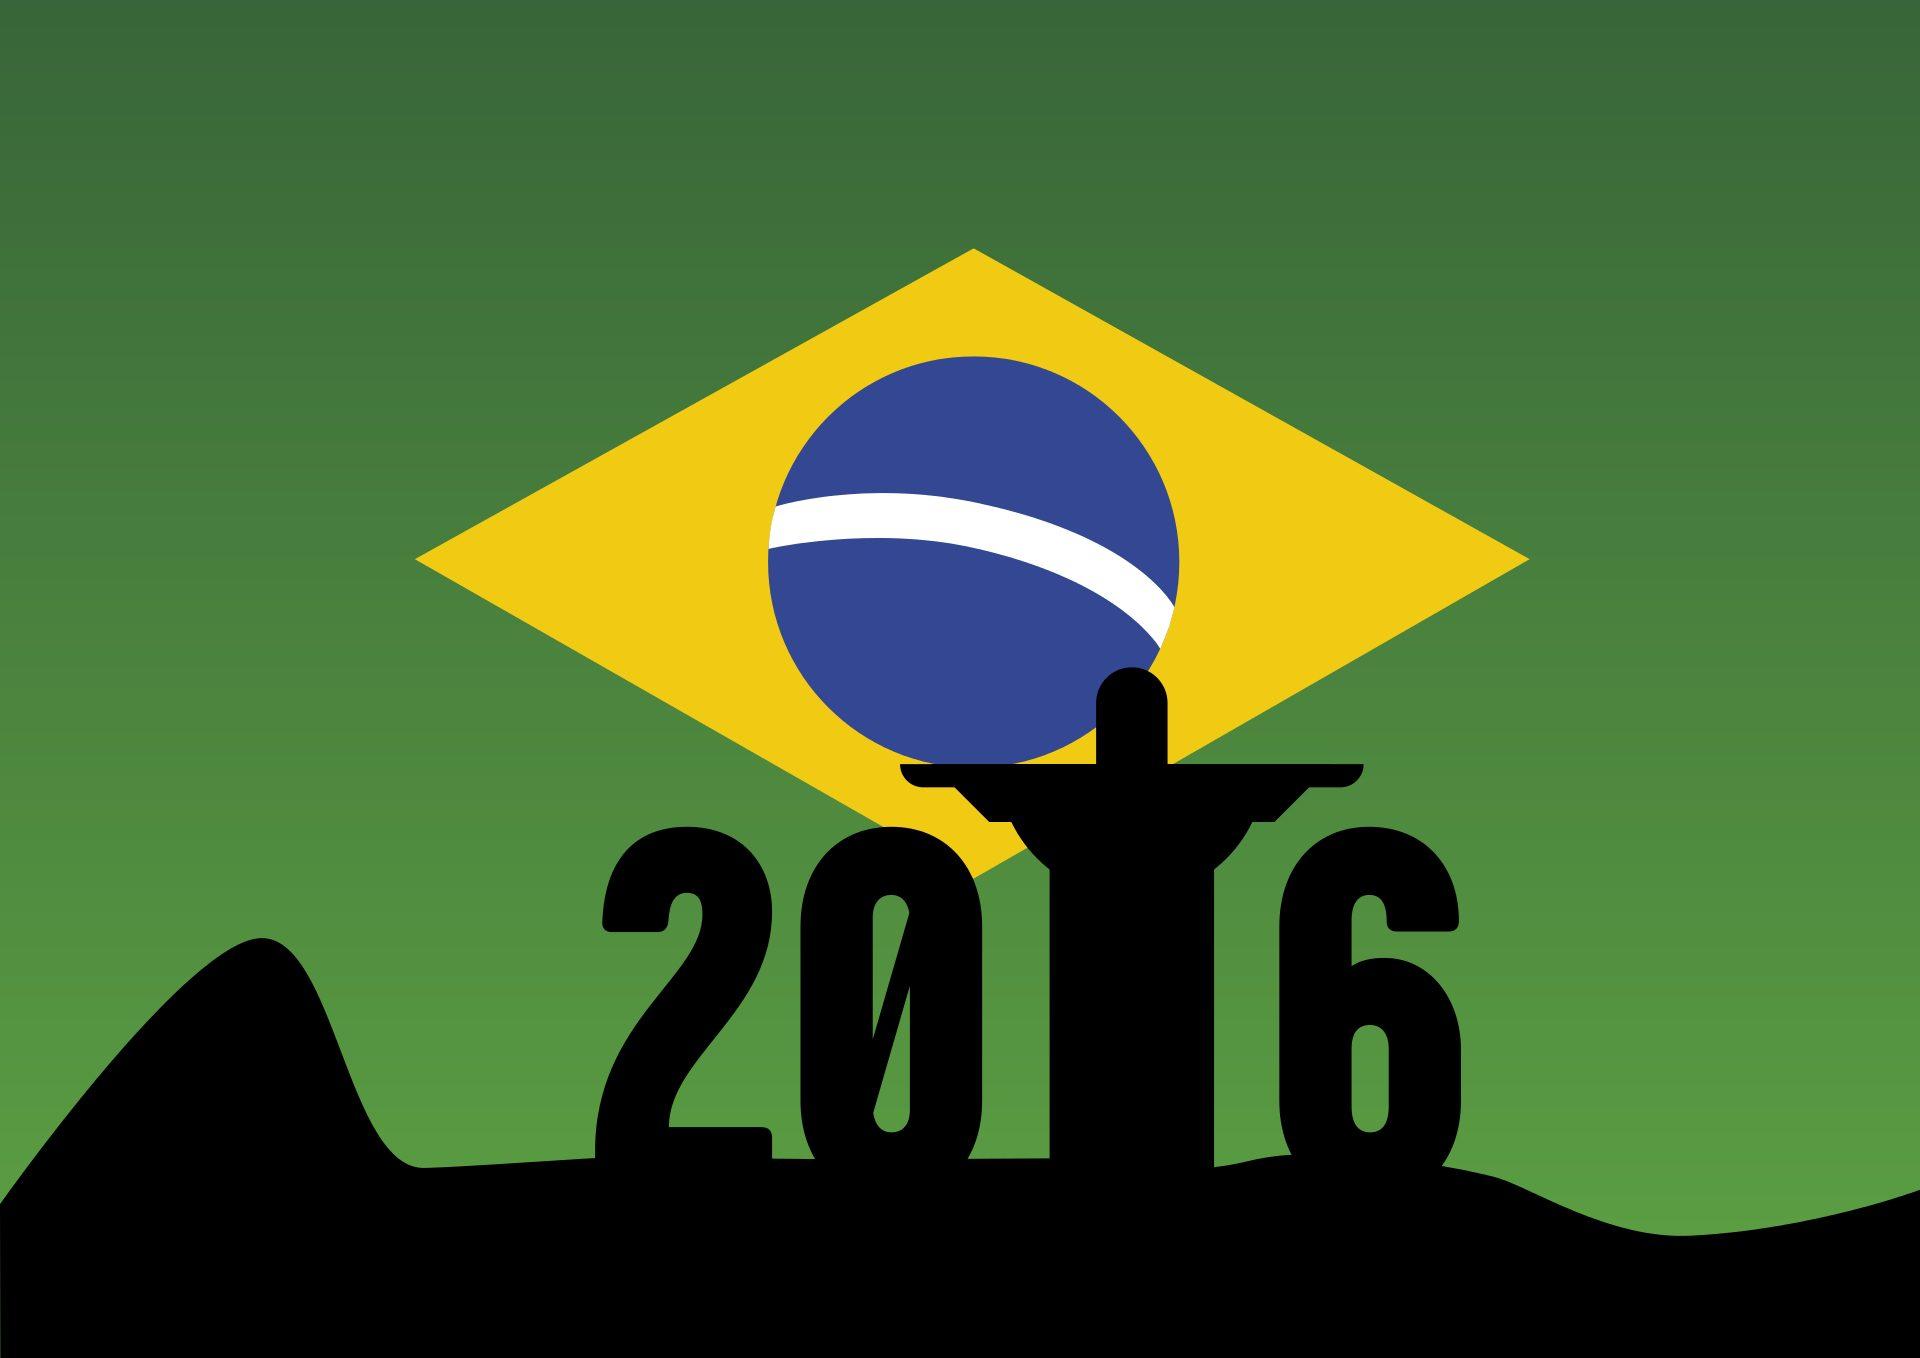 Ολυμπιακοί Αγώνες, Ρίο ντε Τζανέιρο διακοπές, Ολυμπιακά παιχνίδια, Βραζιλία, Κρίστο corcovado - Wallpapers HD - Professor-falken.com